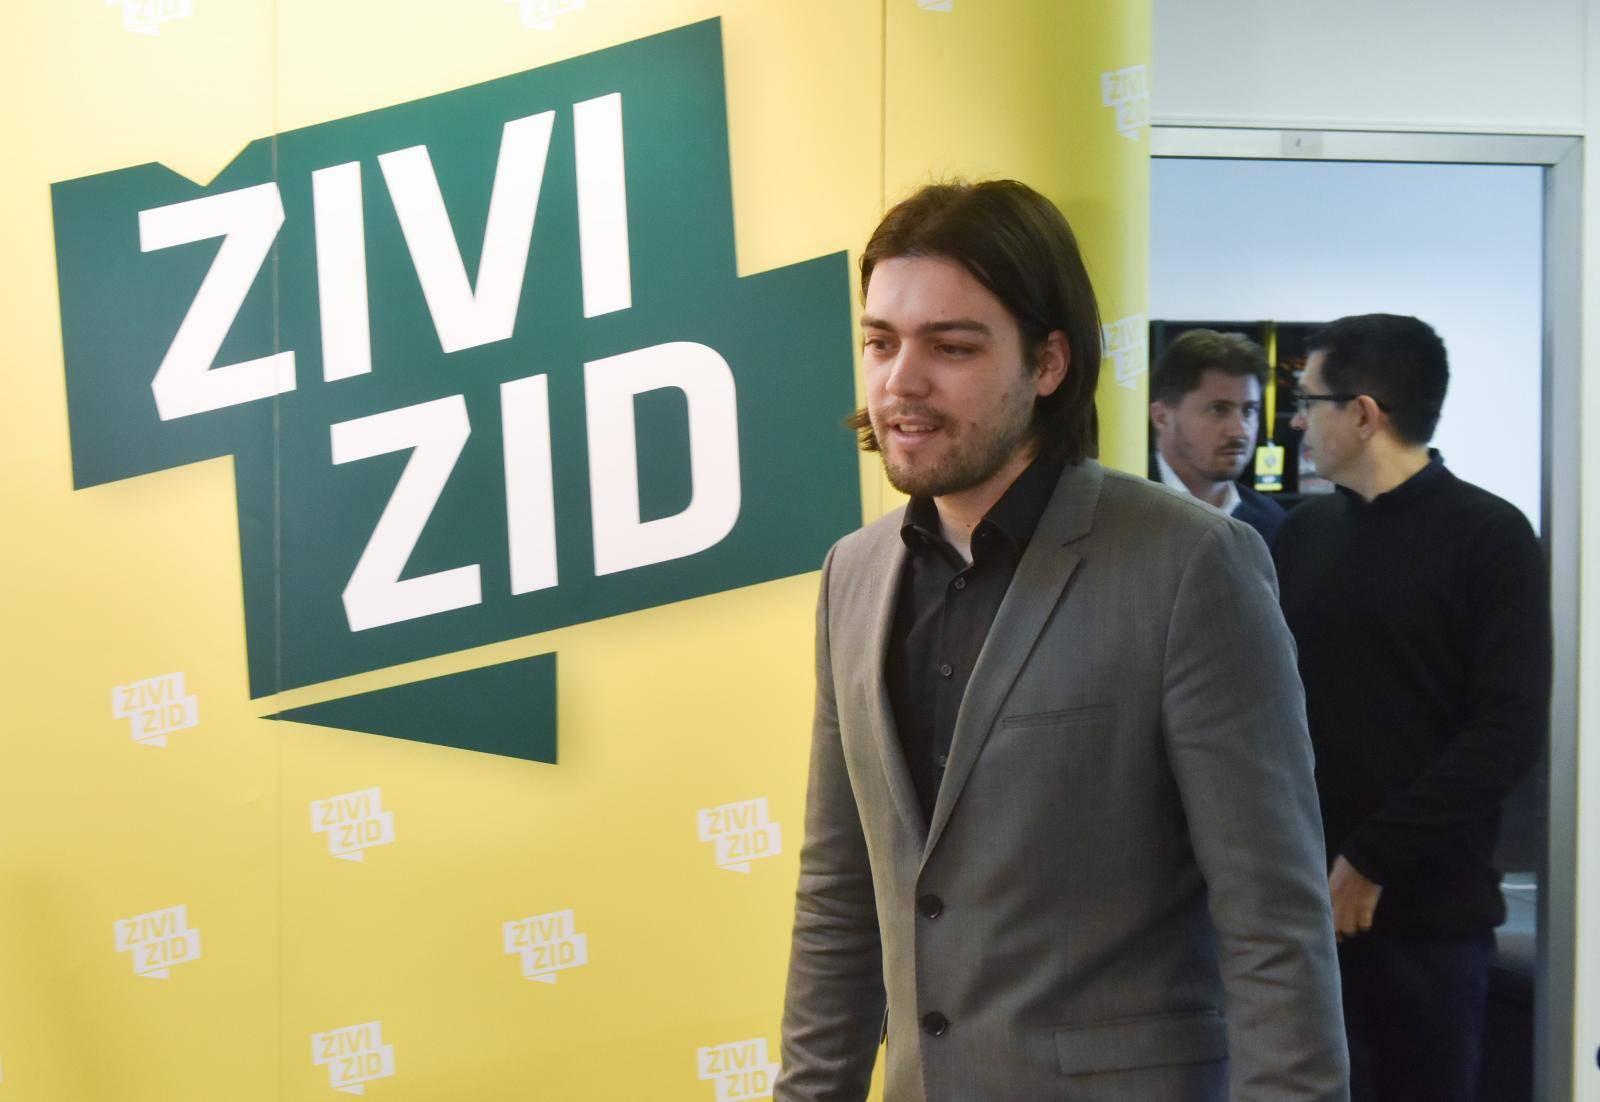 Zagreb: Živi zid održao konferenciju za medije u uhićenjima čelnih ljudi Uljanika